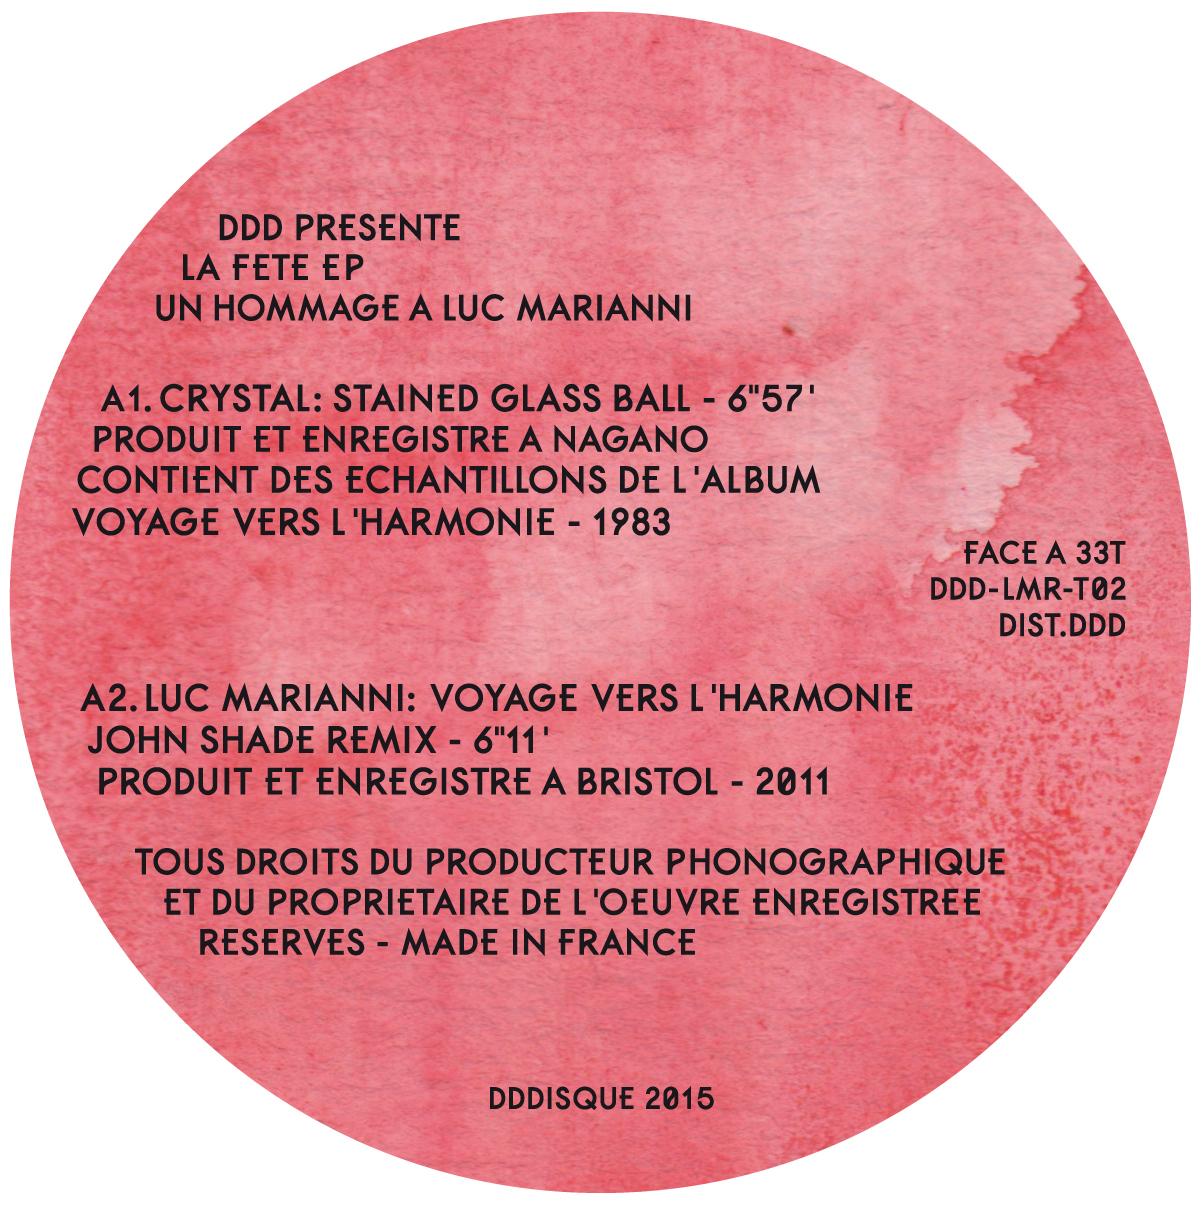 DDD présente La Fête EP: un hommage à Luc Marianni